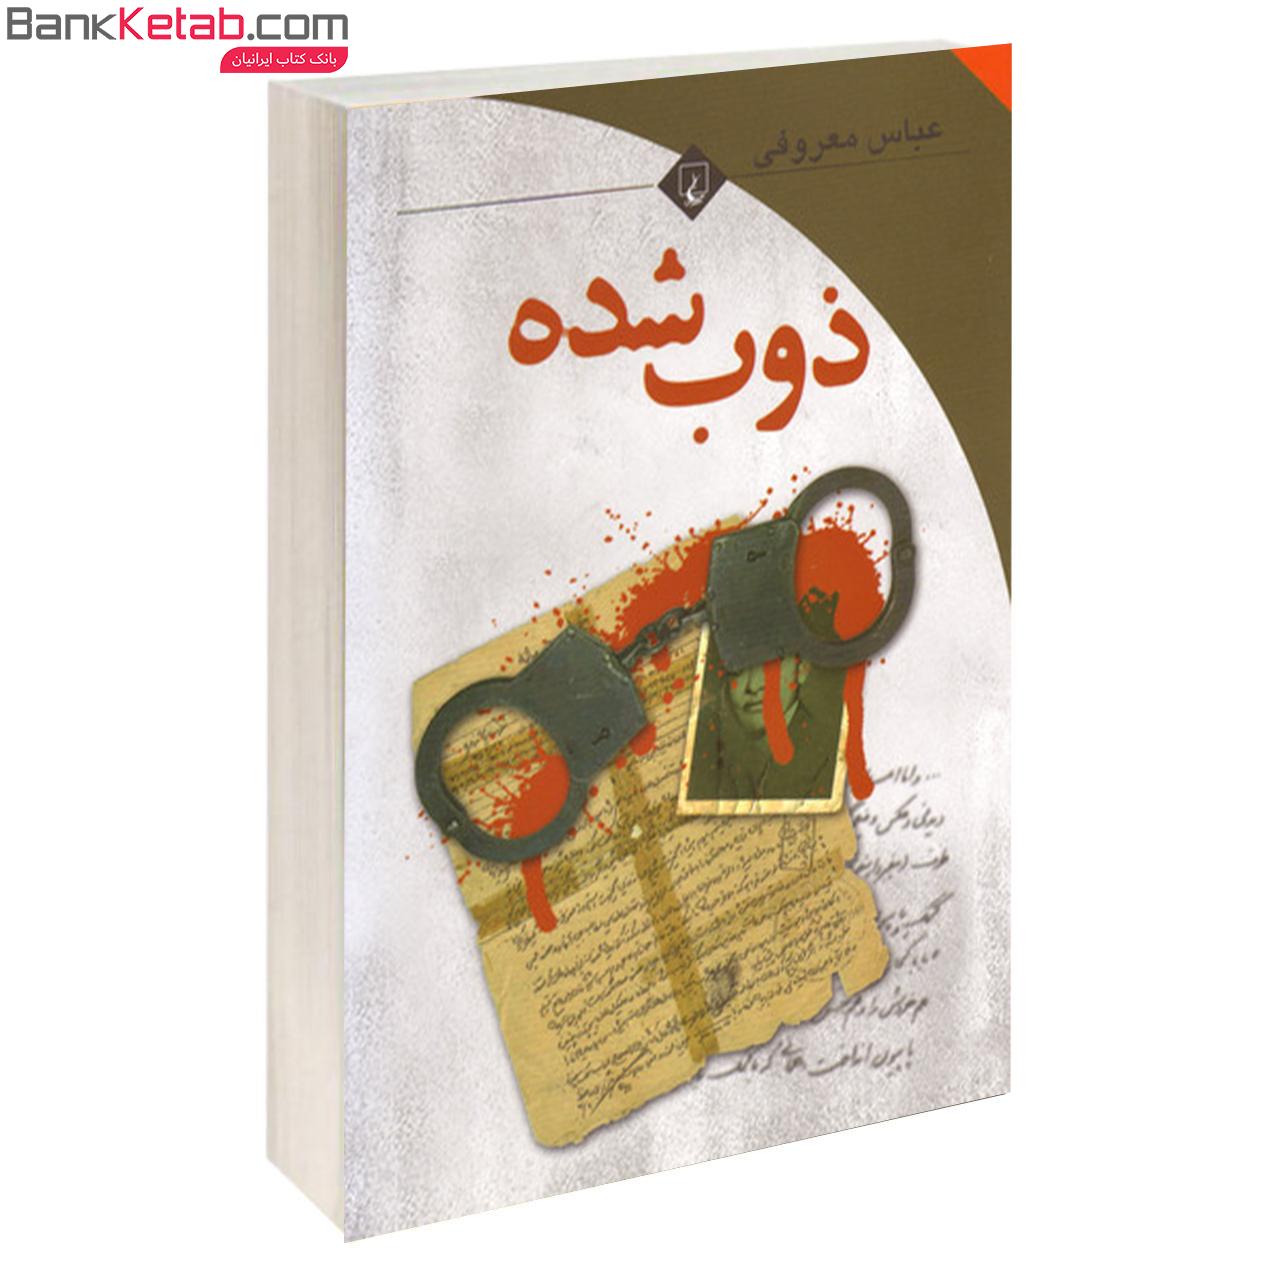 کتاب ذوب شده از عباس معروفی